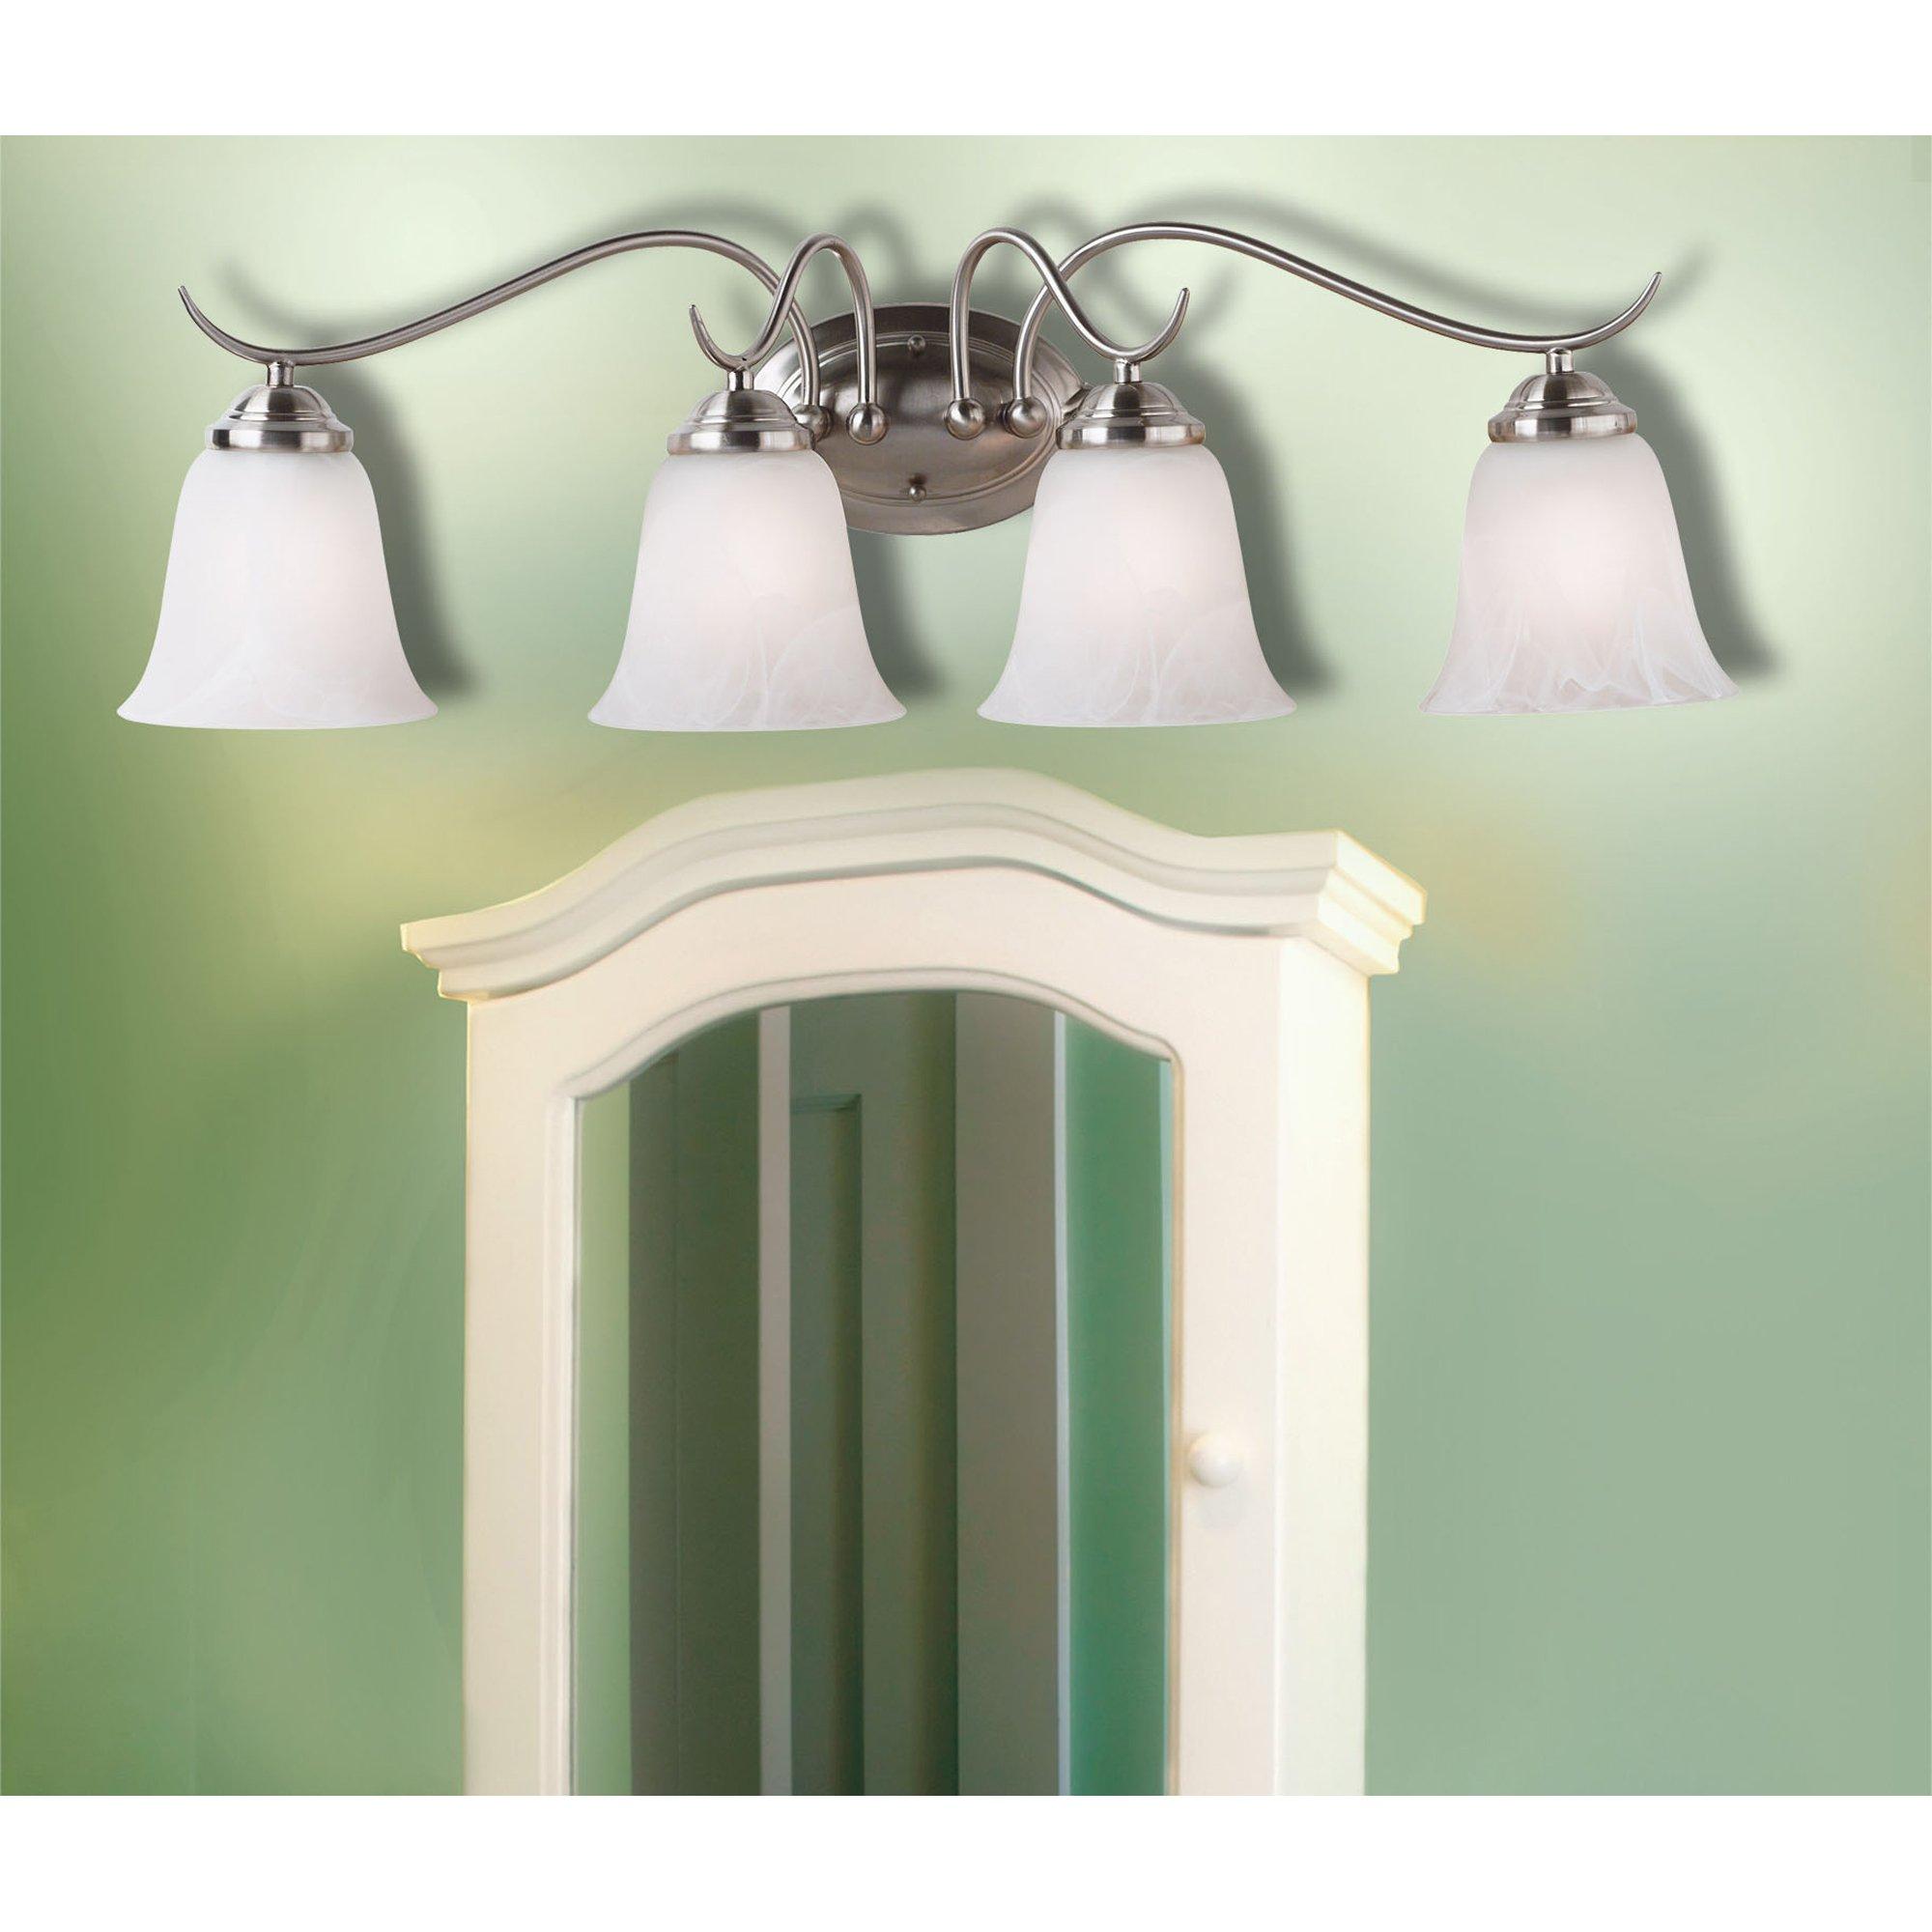 Kenroy Home 90214BS Medusa 4-Light Vanity with Alabaster Glass Shade, Brushed Steel